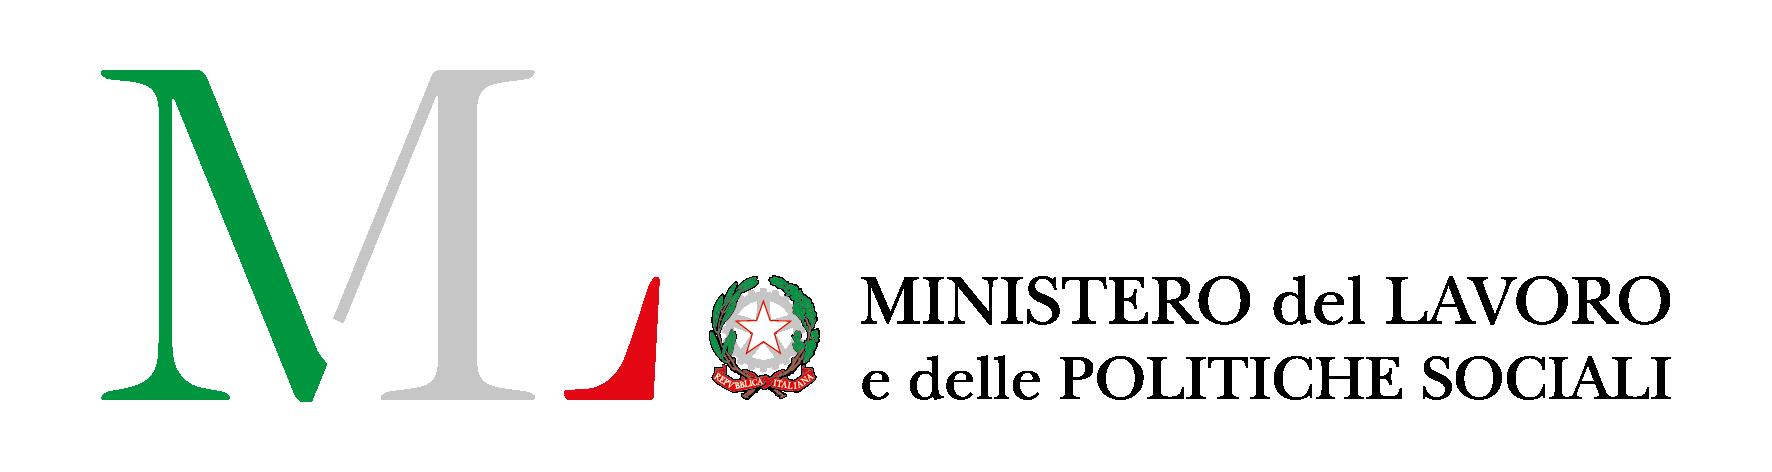 logo mlps